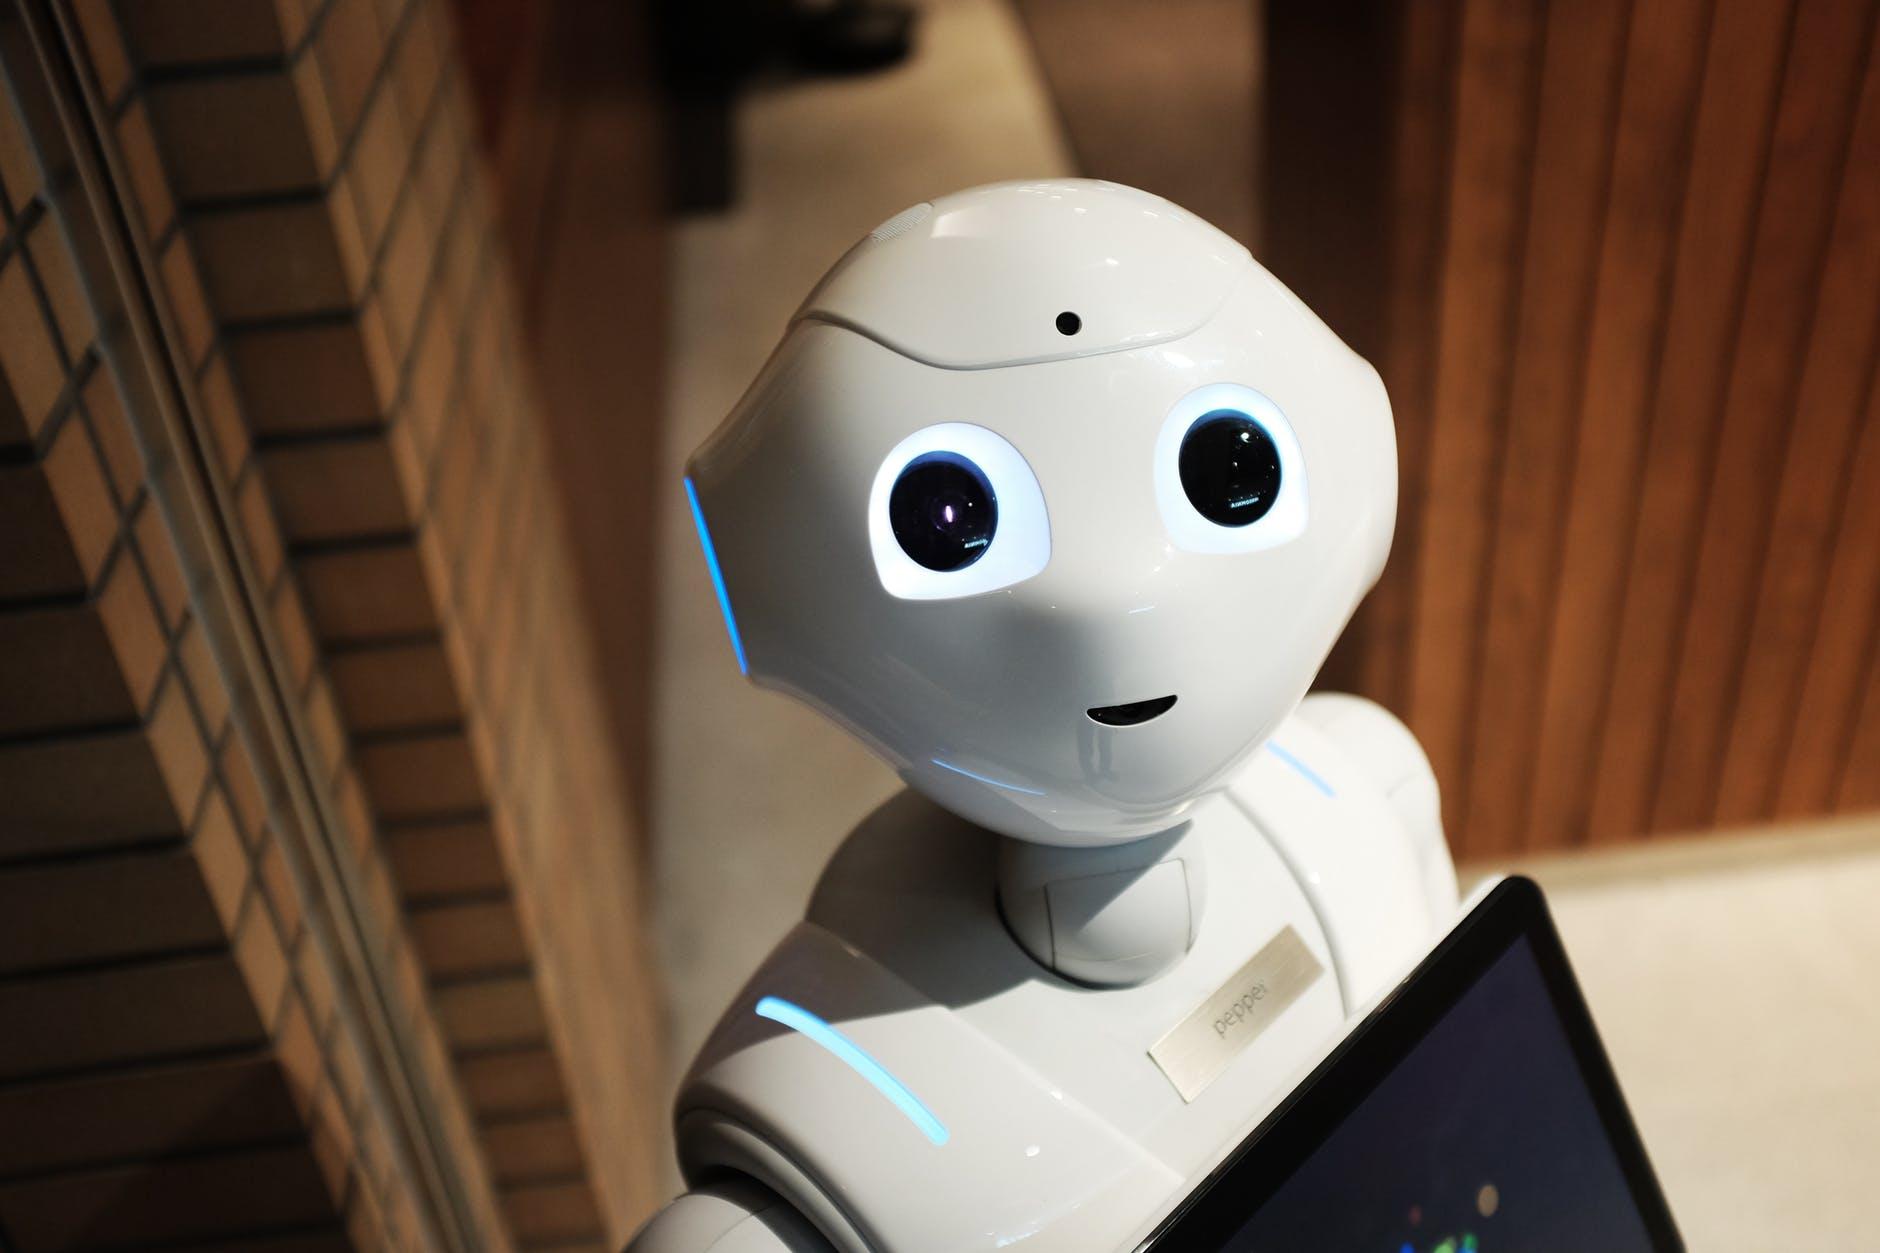 AR and AI